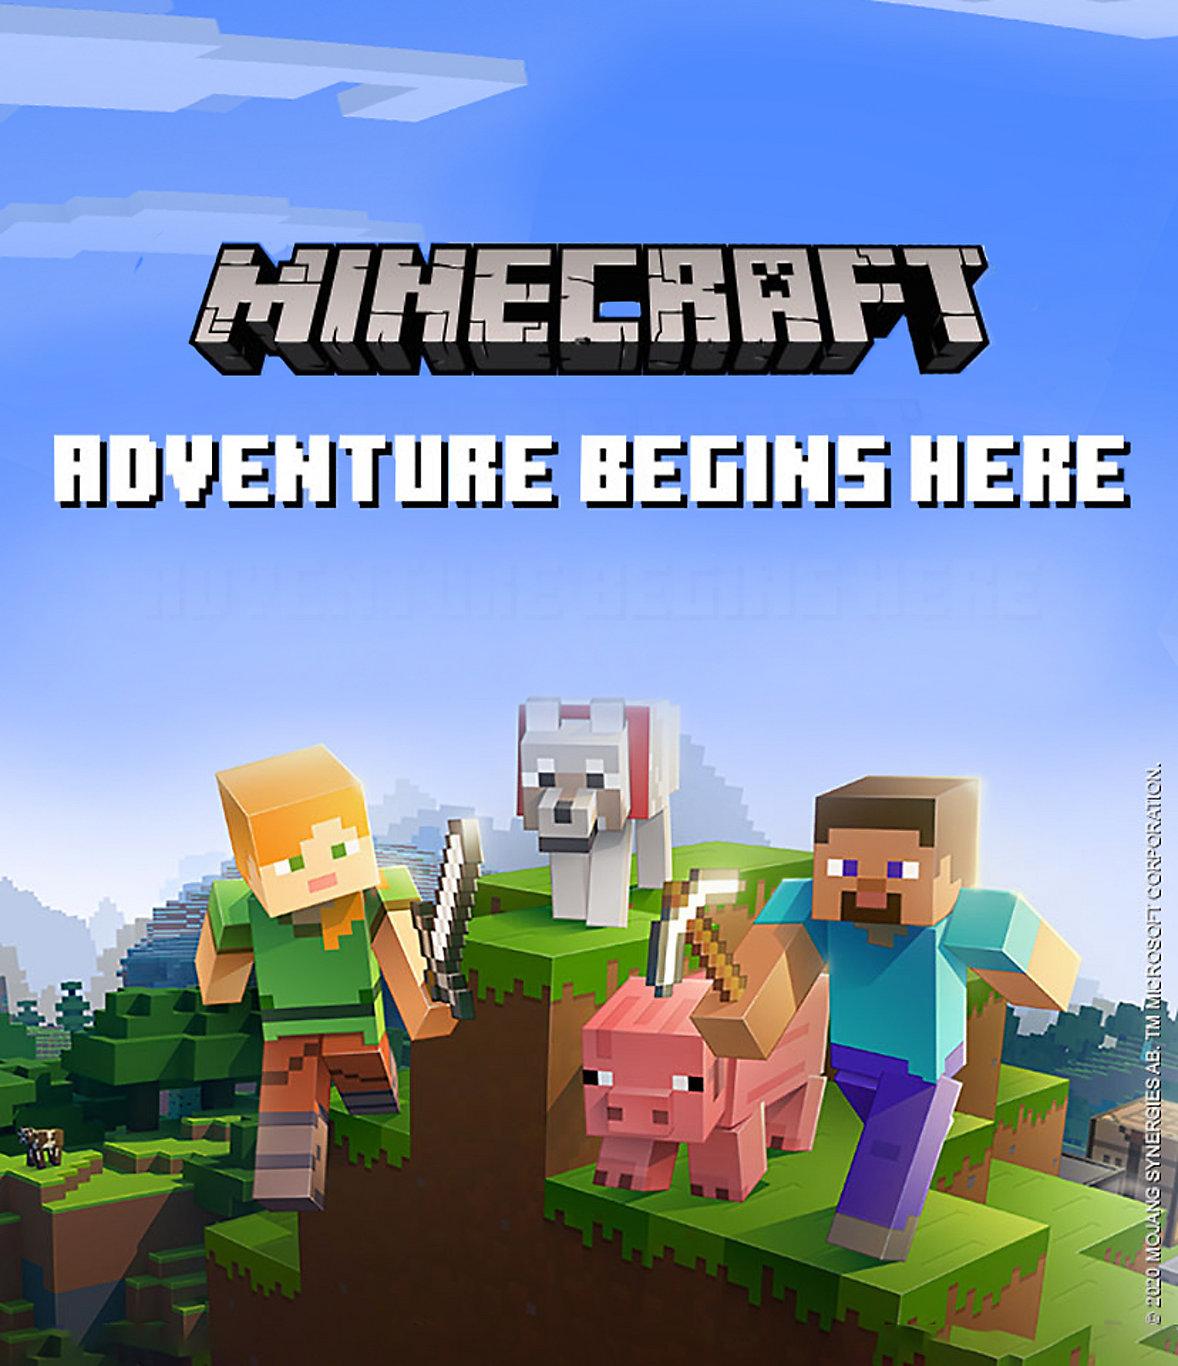 Minecraft Adventure Begins Here